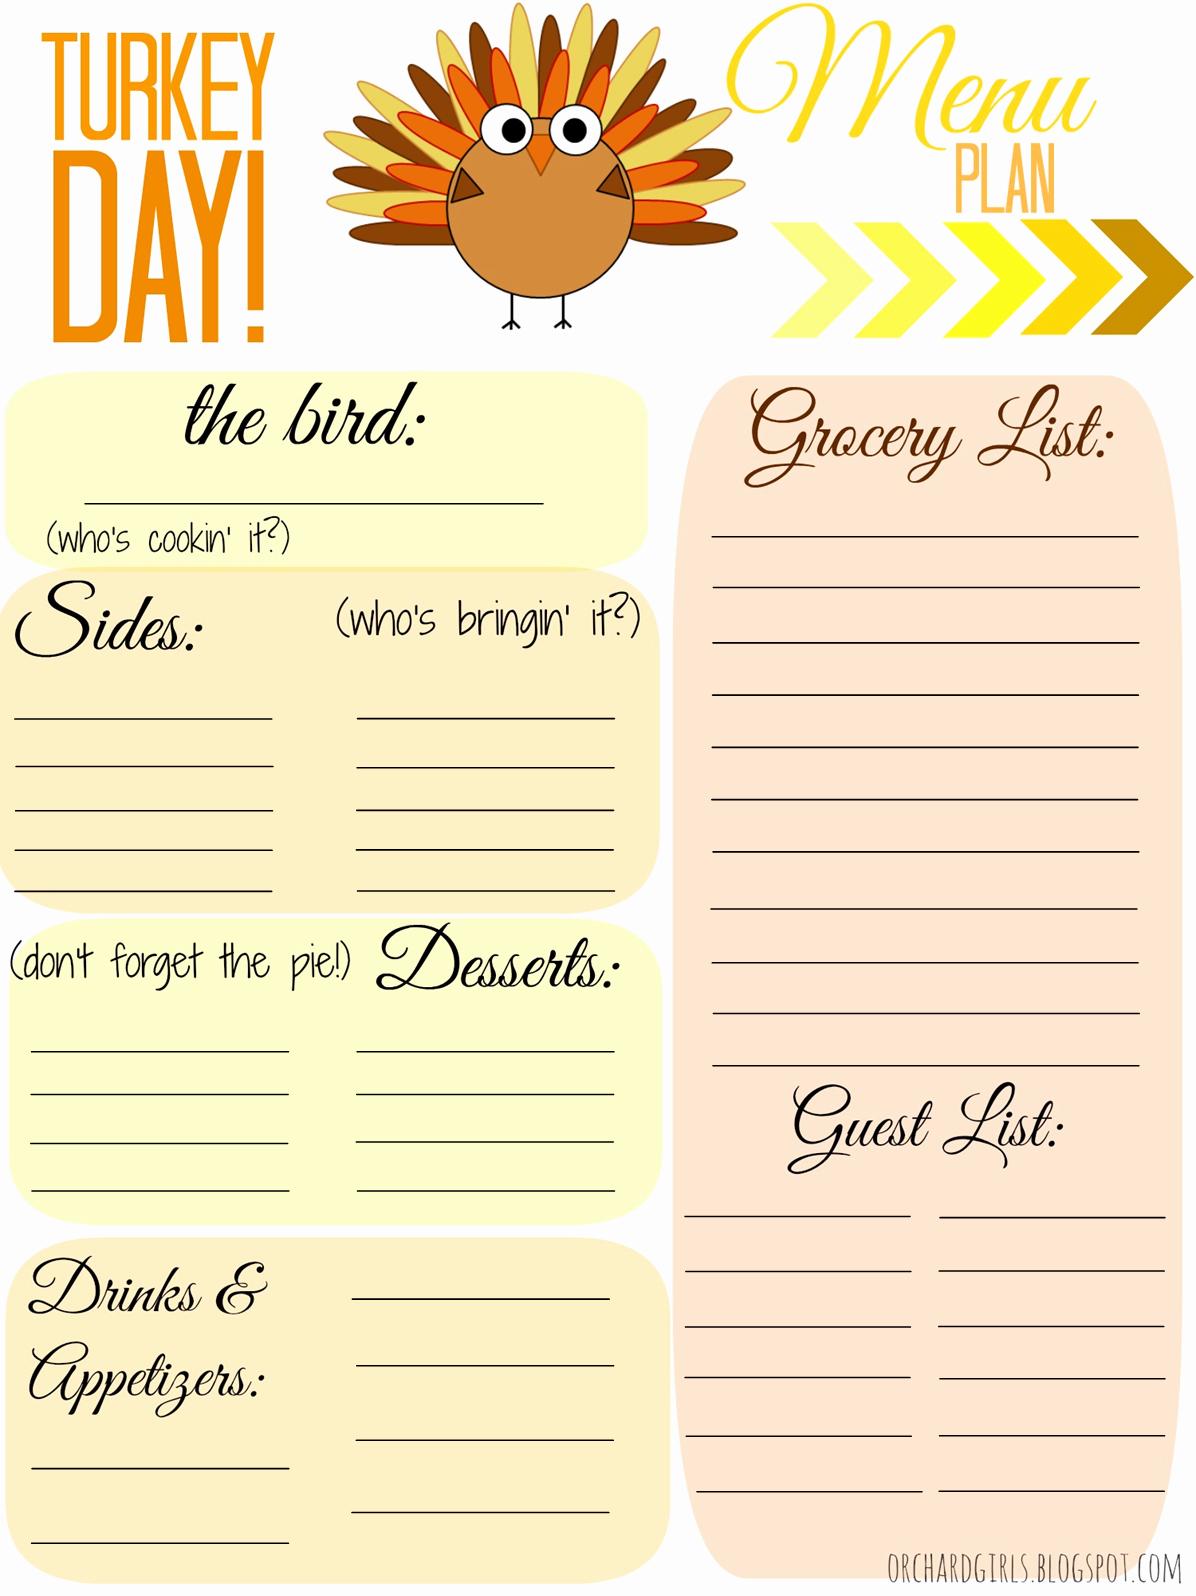 Thanksgiving Day Menu Template Lovely orchard Girls Free Thankgiving Day Menu Plan Printable